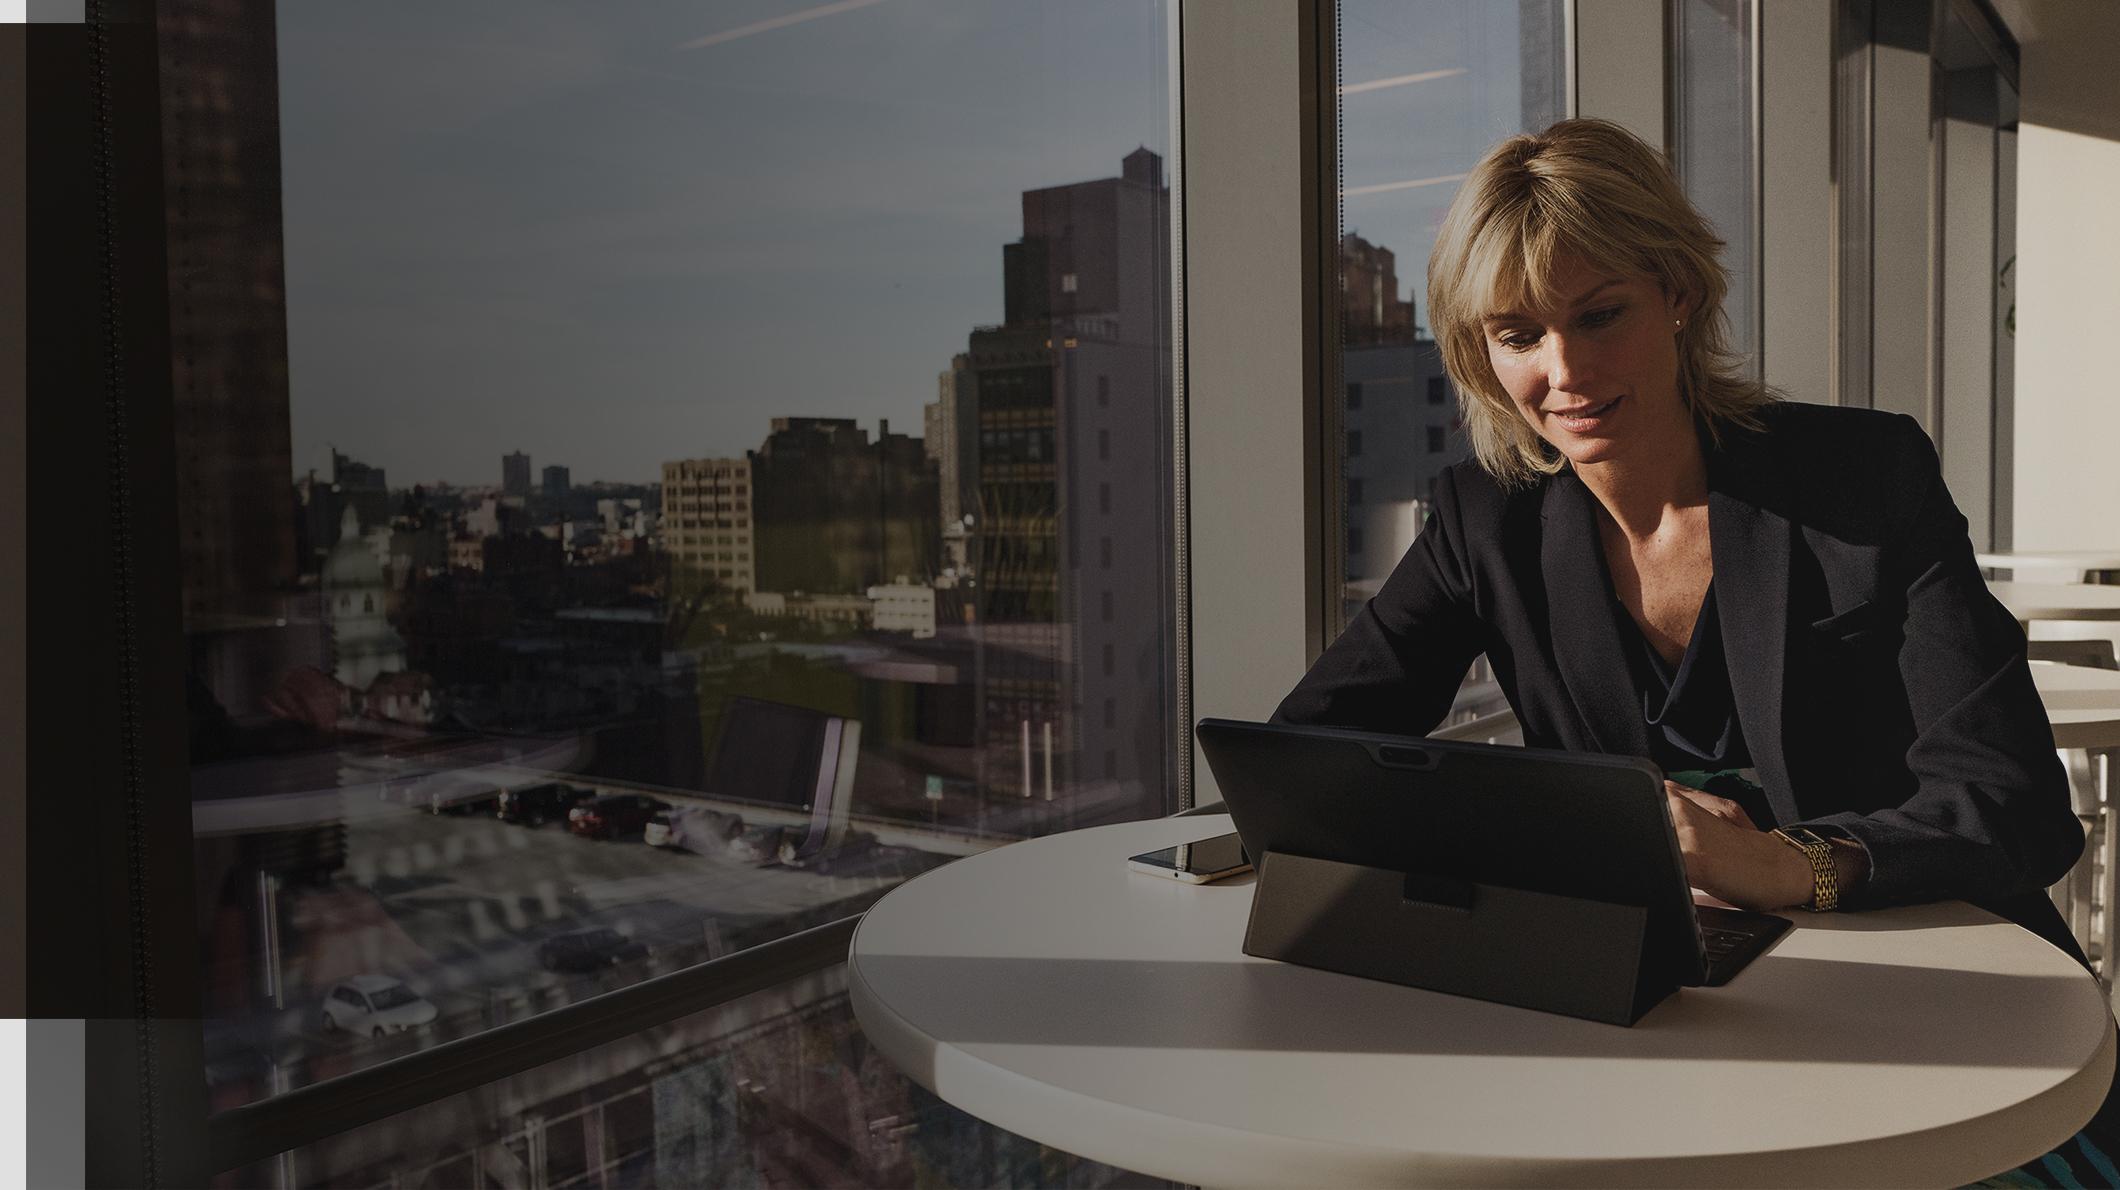 Una mujer se sienta en un escritorio con un dispositivo